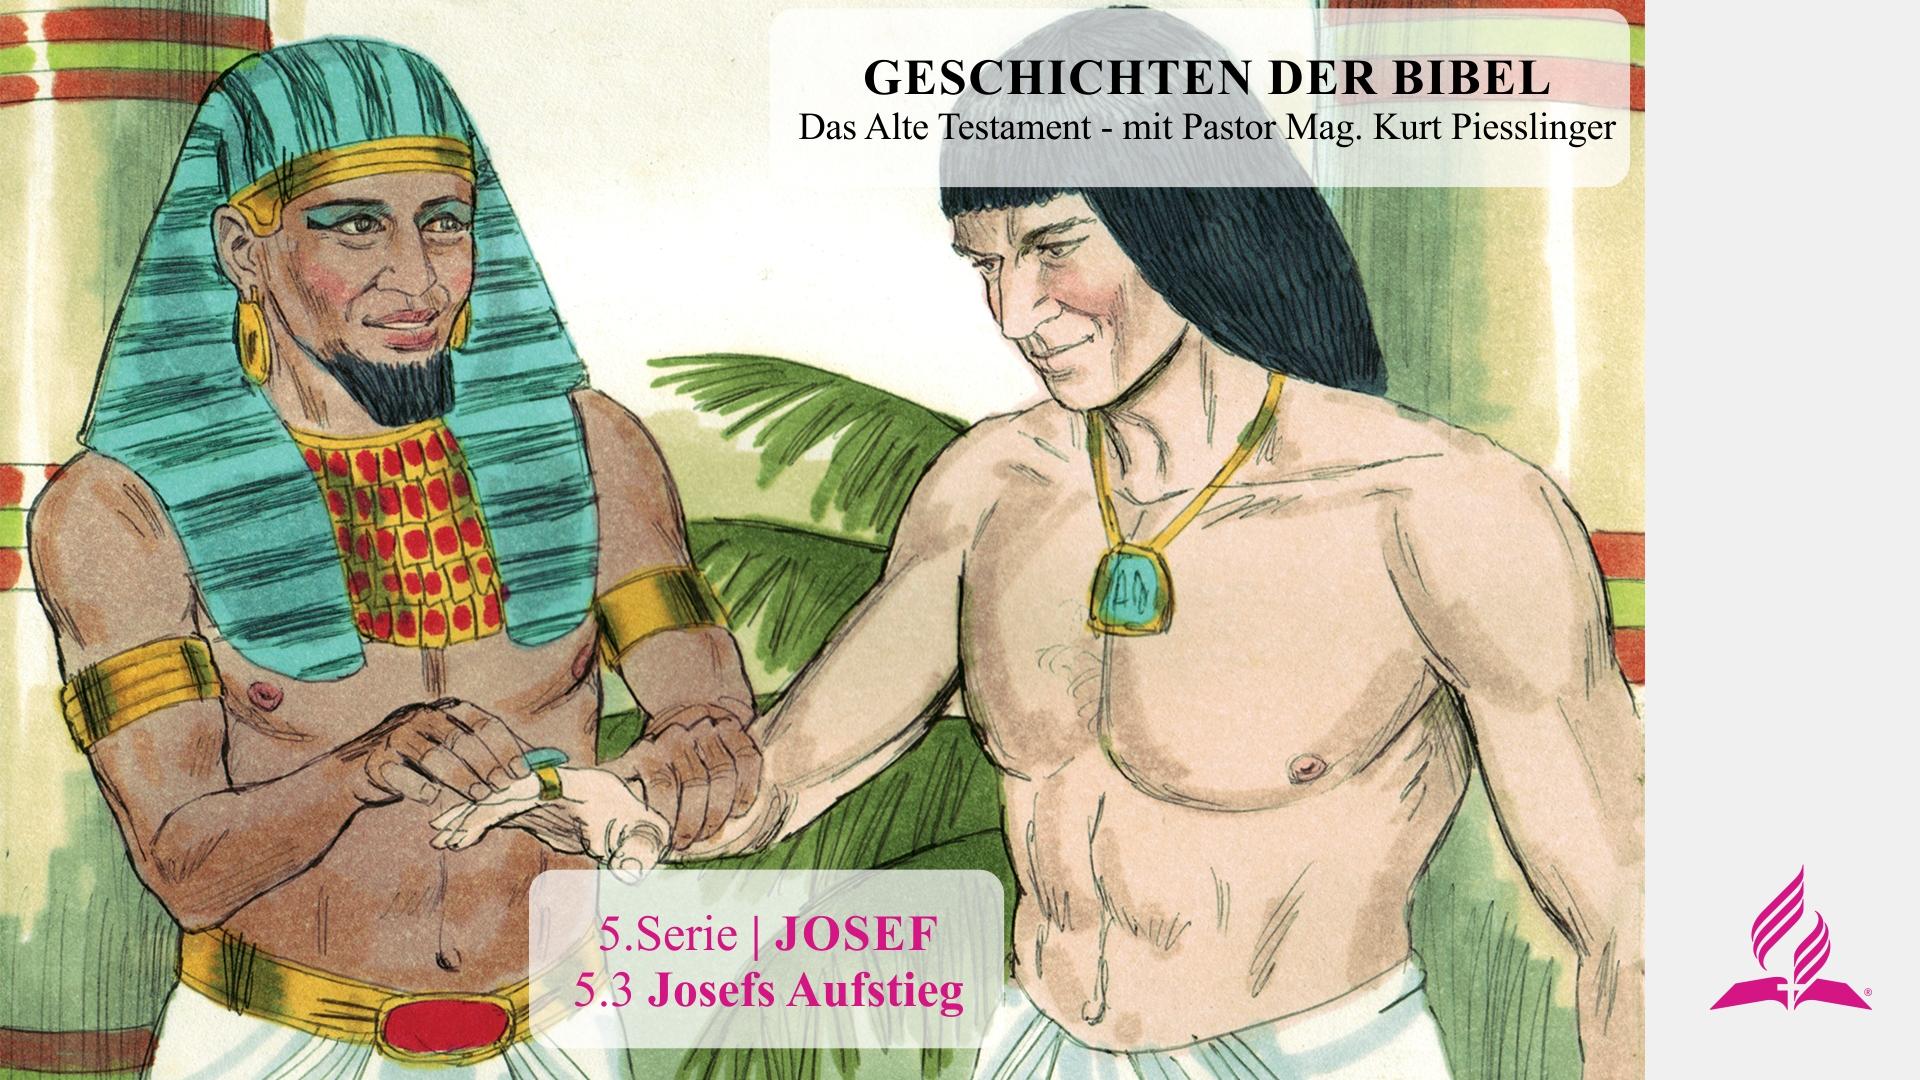 GESCHICHTEN DER BIBEL: 5.3 Josefs Aufstieg – 5.JOSEF | Pastor Mag. Kurt Piesslinger